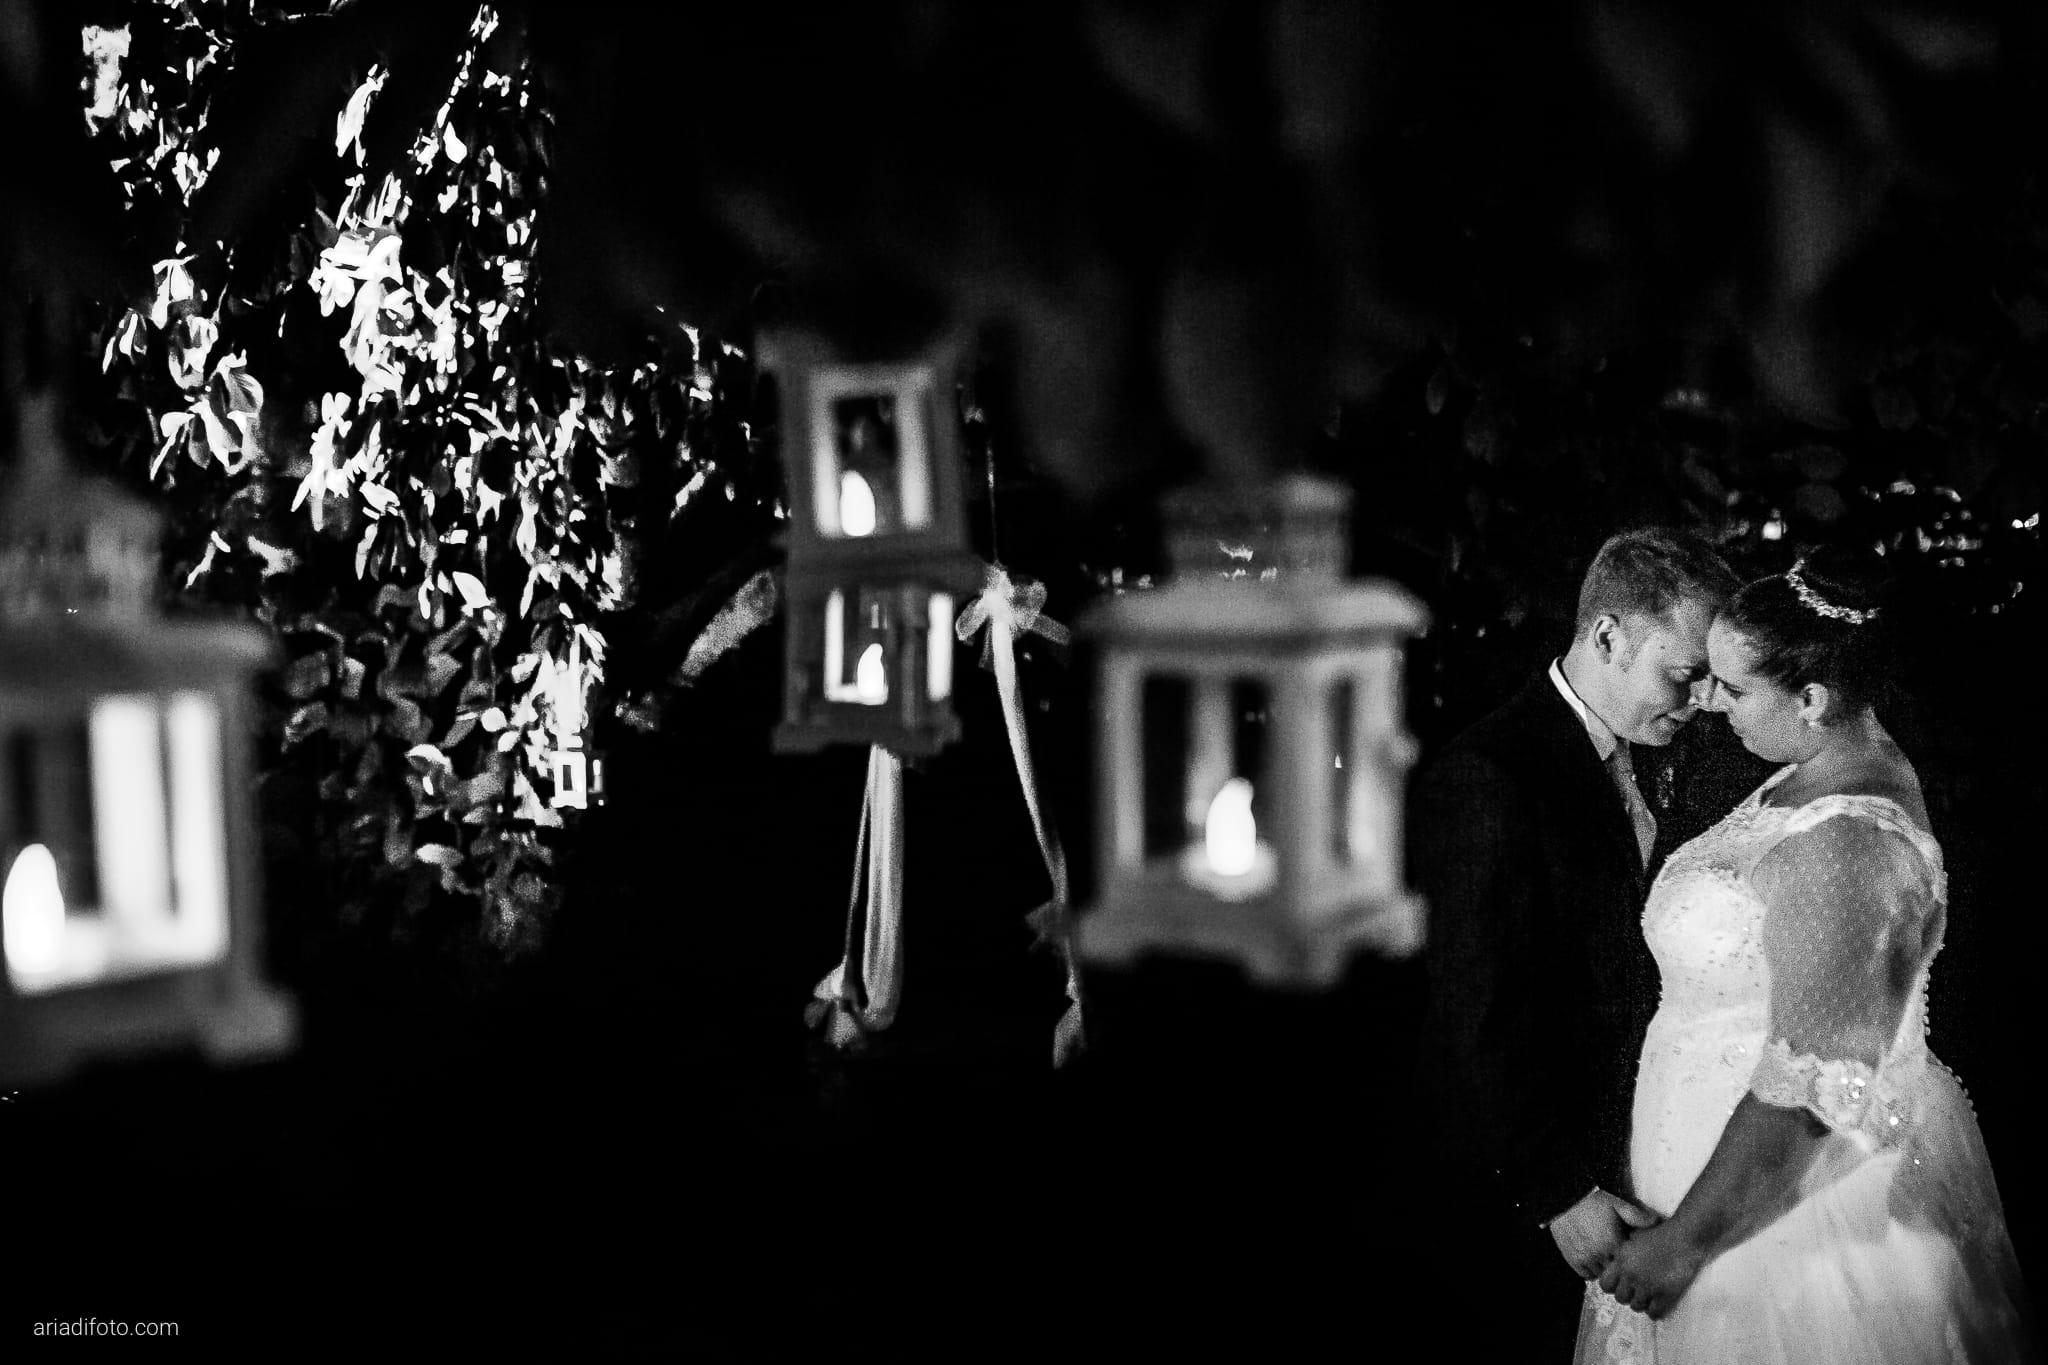 Eleonora Andrea Matrimonio Castello Papadopoli Giol San Polo Piave Treviso ritratti sposi lanterne notte